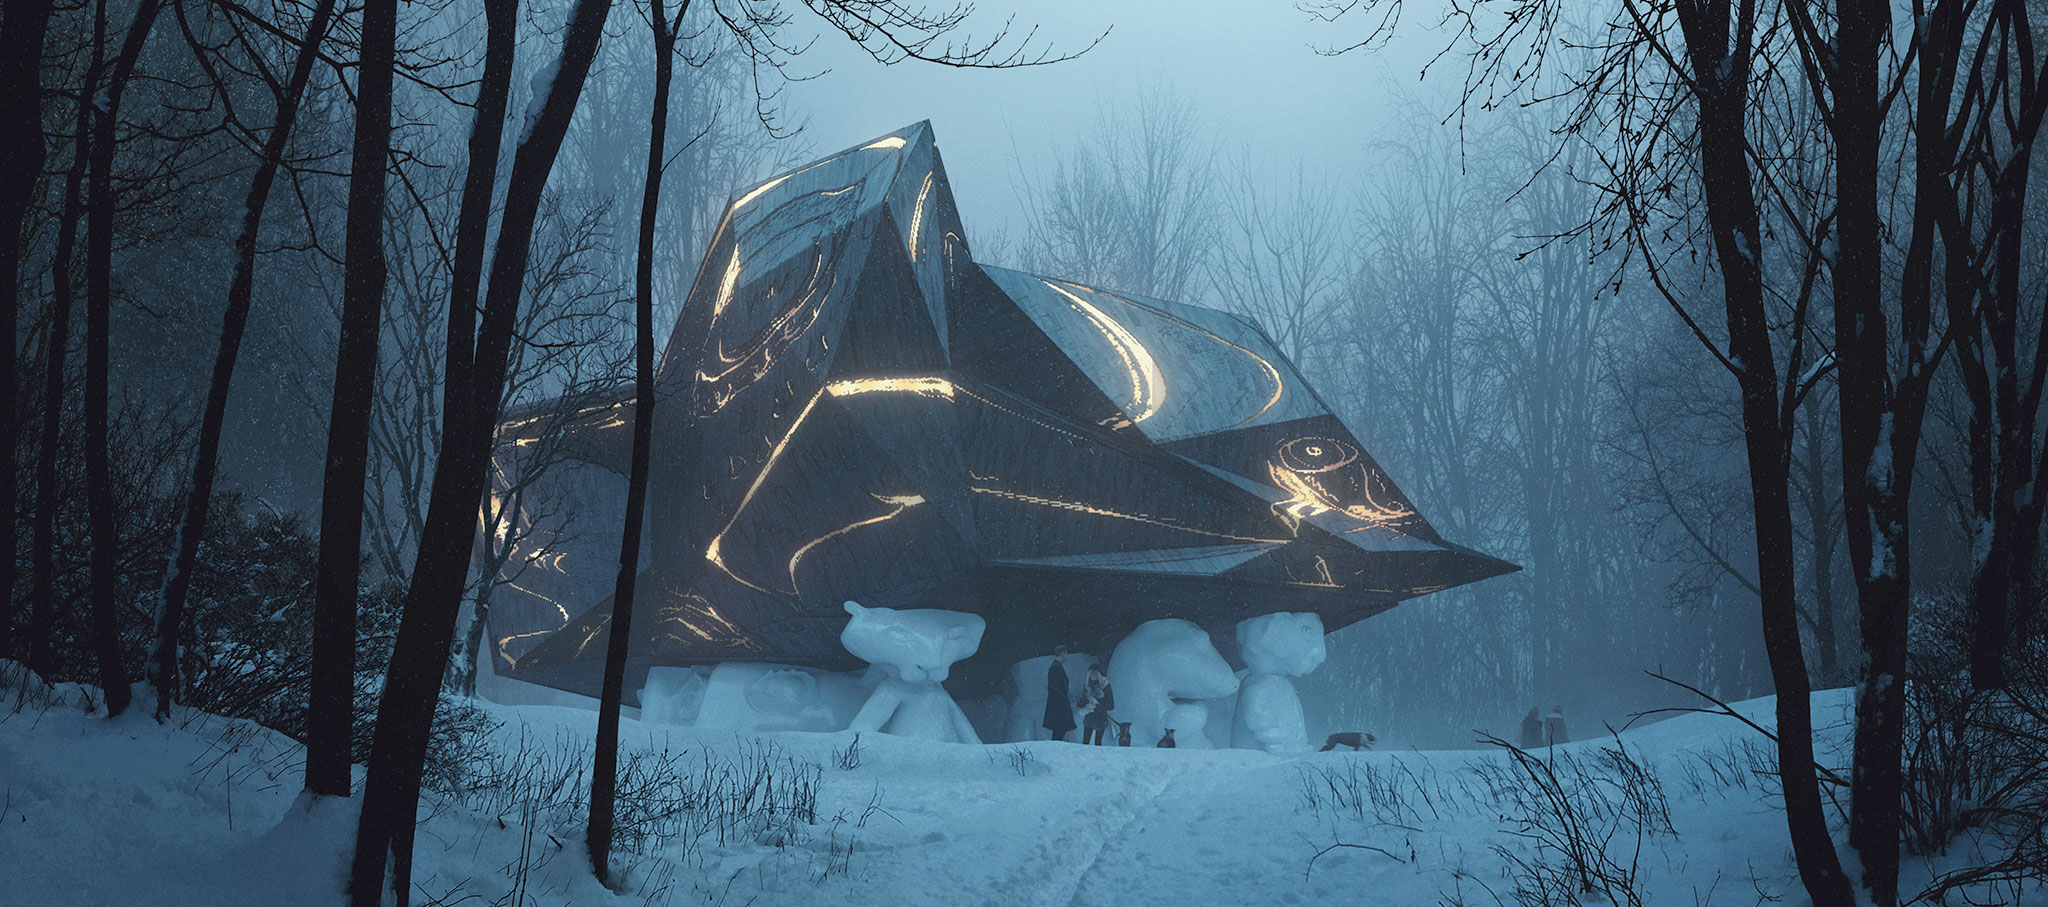 """""""Una casa en la que morir"""" diseñada por el estudio de arquitectura noruego Sønhetta, cambiará las visiones pintadas de Edvard Munch. Imagen cortesía de MIR y Snohetta"""